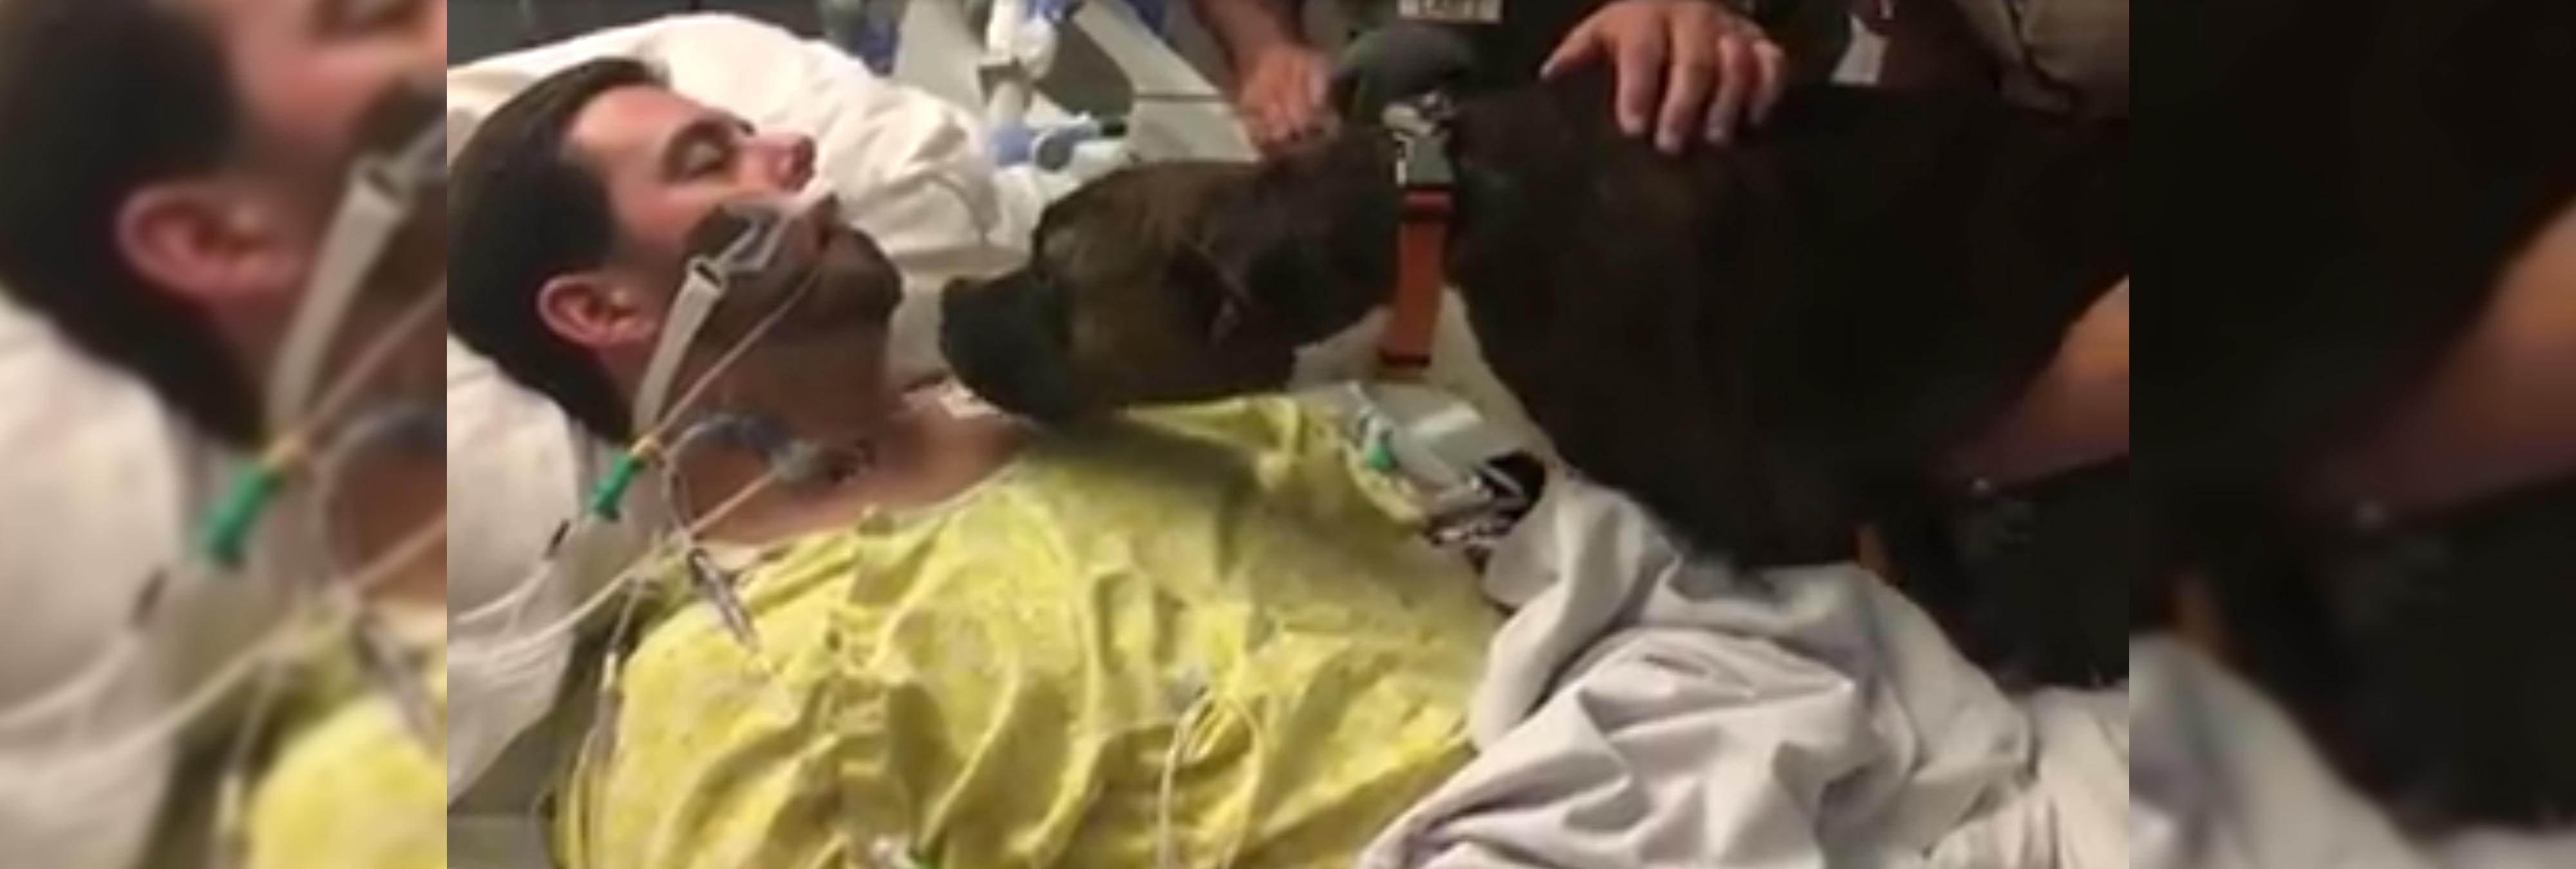 La emotiva despedida entre una perra y su dueño antes de que sea desconectado